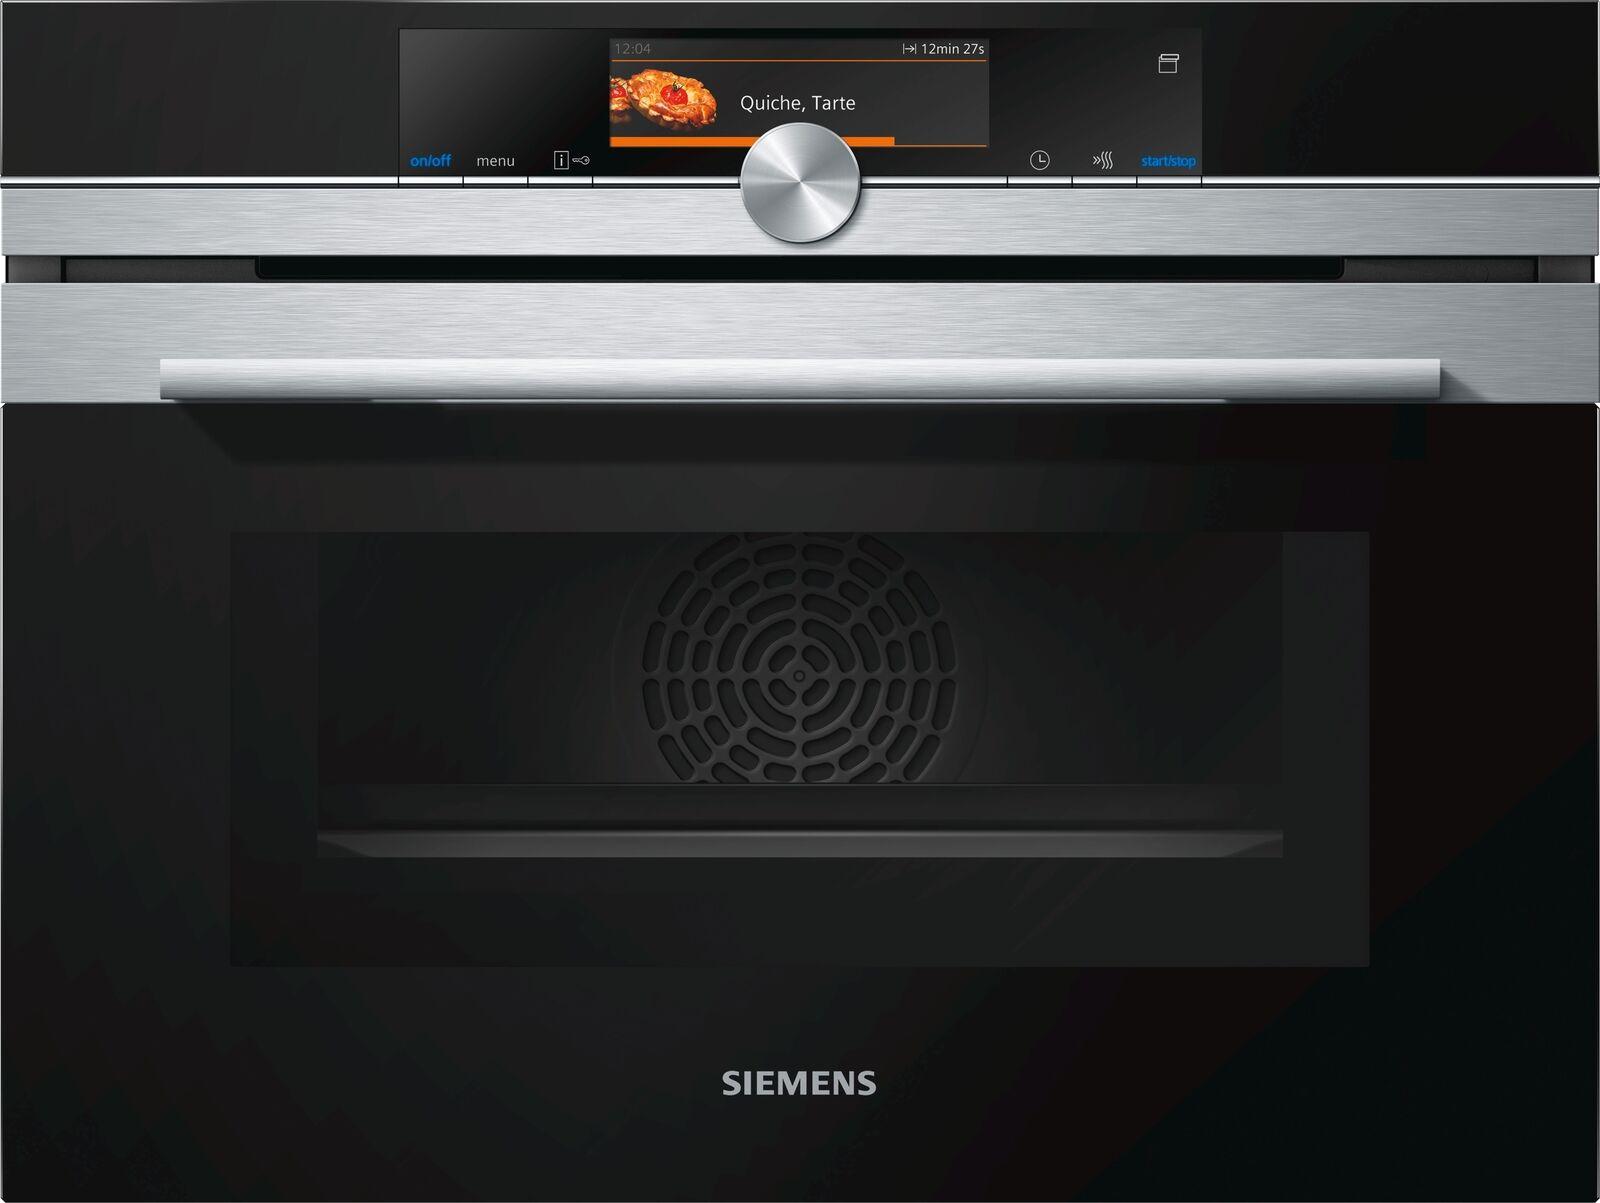 Siemens cn678g4s6 micro-ondes cn678g4s6 Acier Inoxydable cn678g4s6